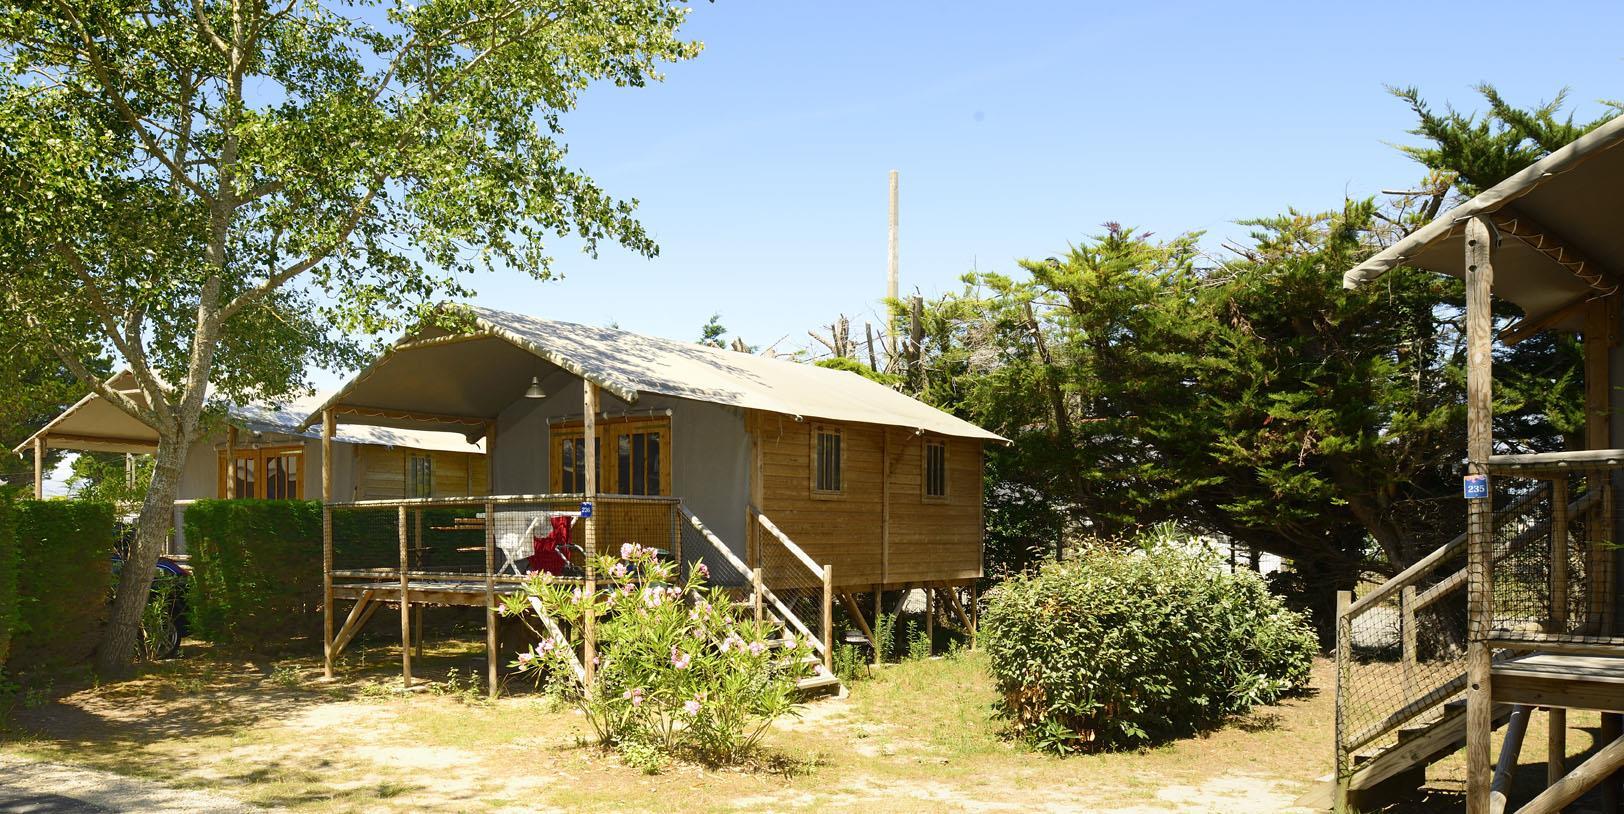 Location - Cabane Lodge Bois Sur Pilotis Confort+ 38M² (2 Chambres) Dont Terrasse Couverte De 8M² - Flower Camping Le Bois d'Amour